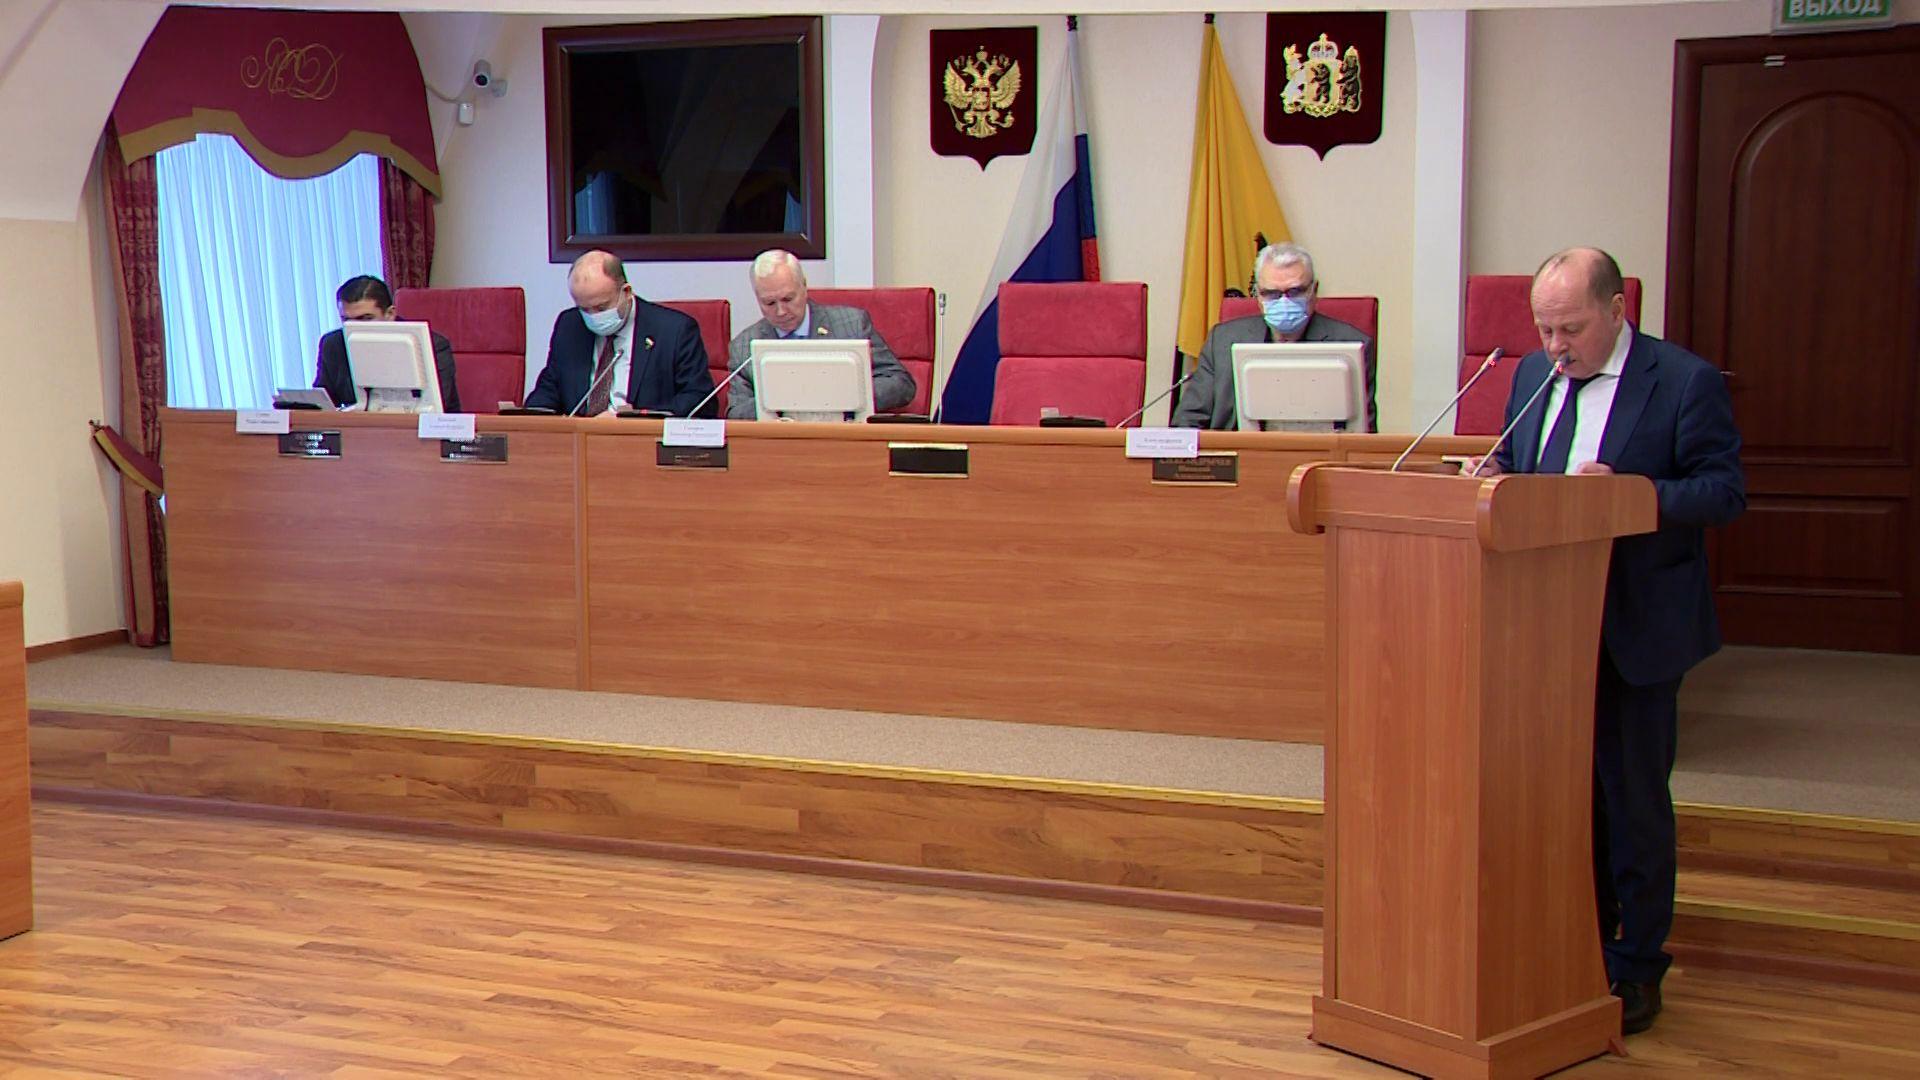 Ярославская область получит дополнительное федеральное финансирование